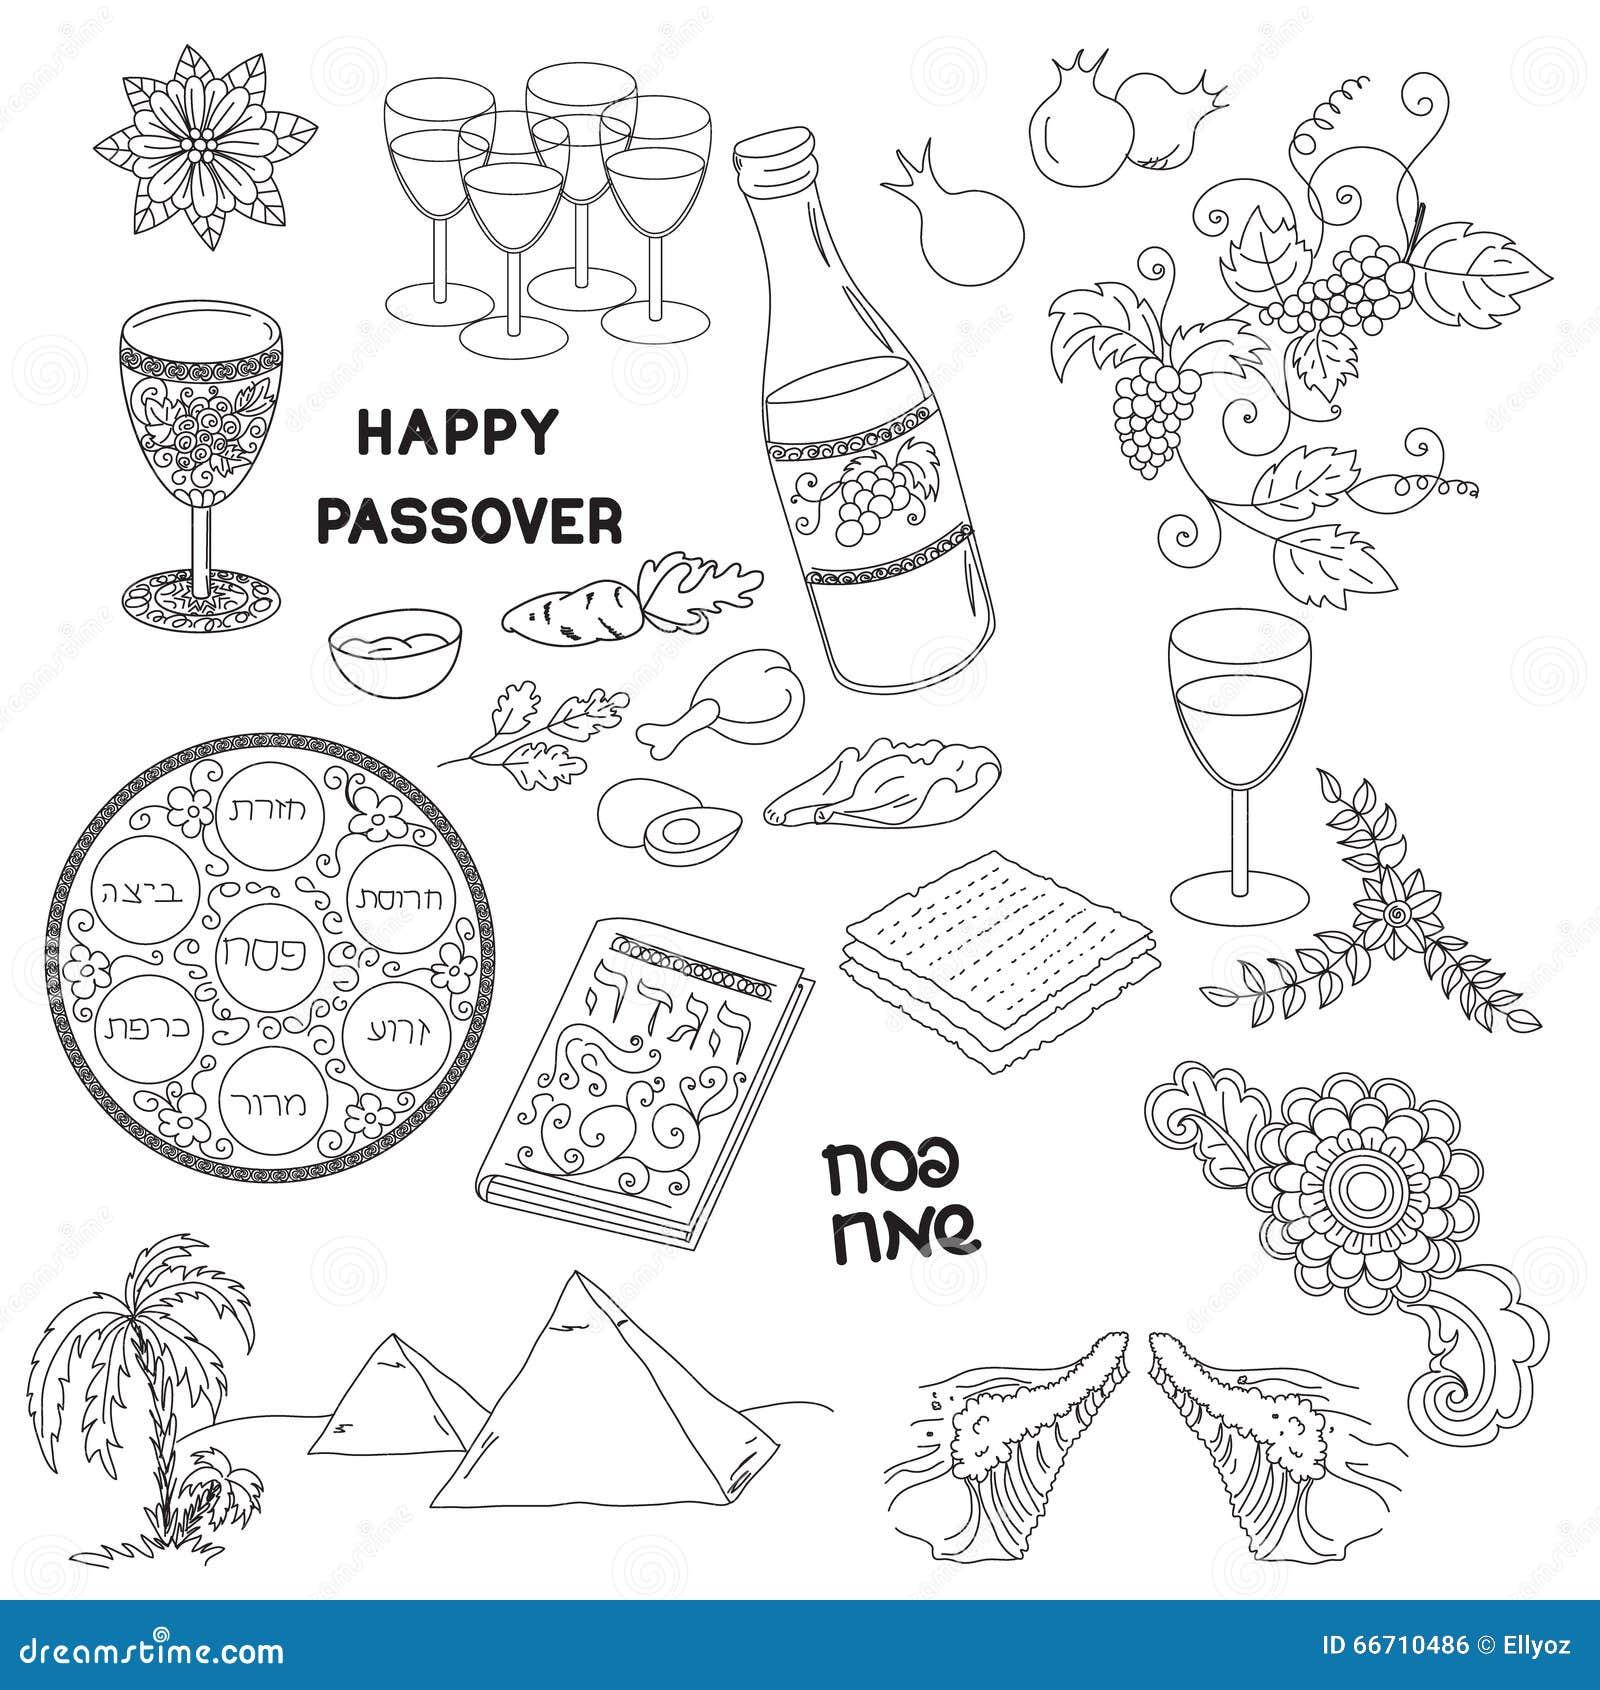 Garatujas Dos Simbolos Da Pascoa Judaica Ajustadas Ilustracao Do Vetor Ilustracao De Judaica Ajustadas 66710486